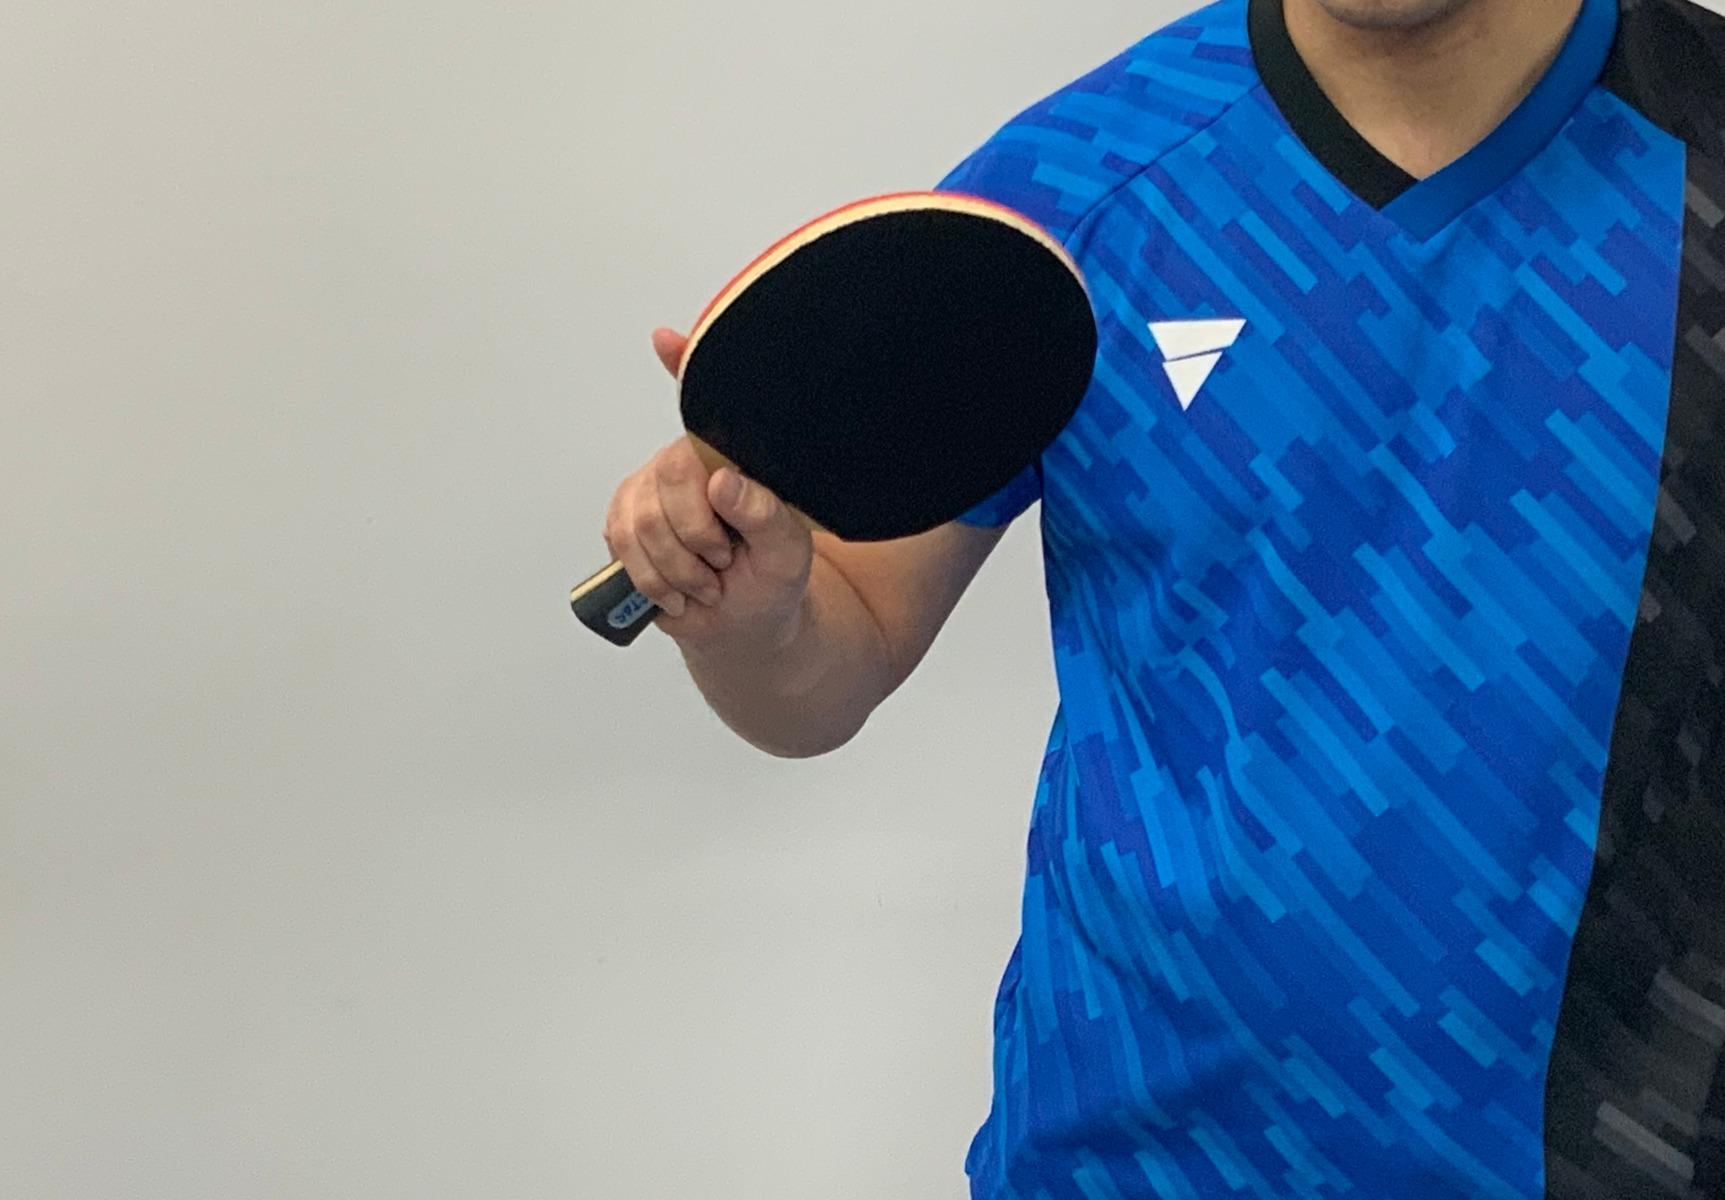 卓球 フォアハンド 練習 スイング 角度打ち